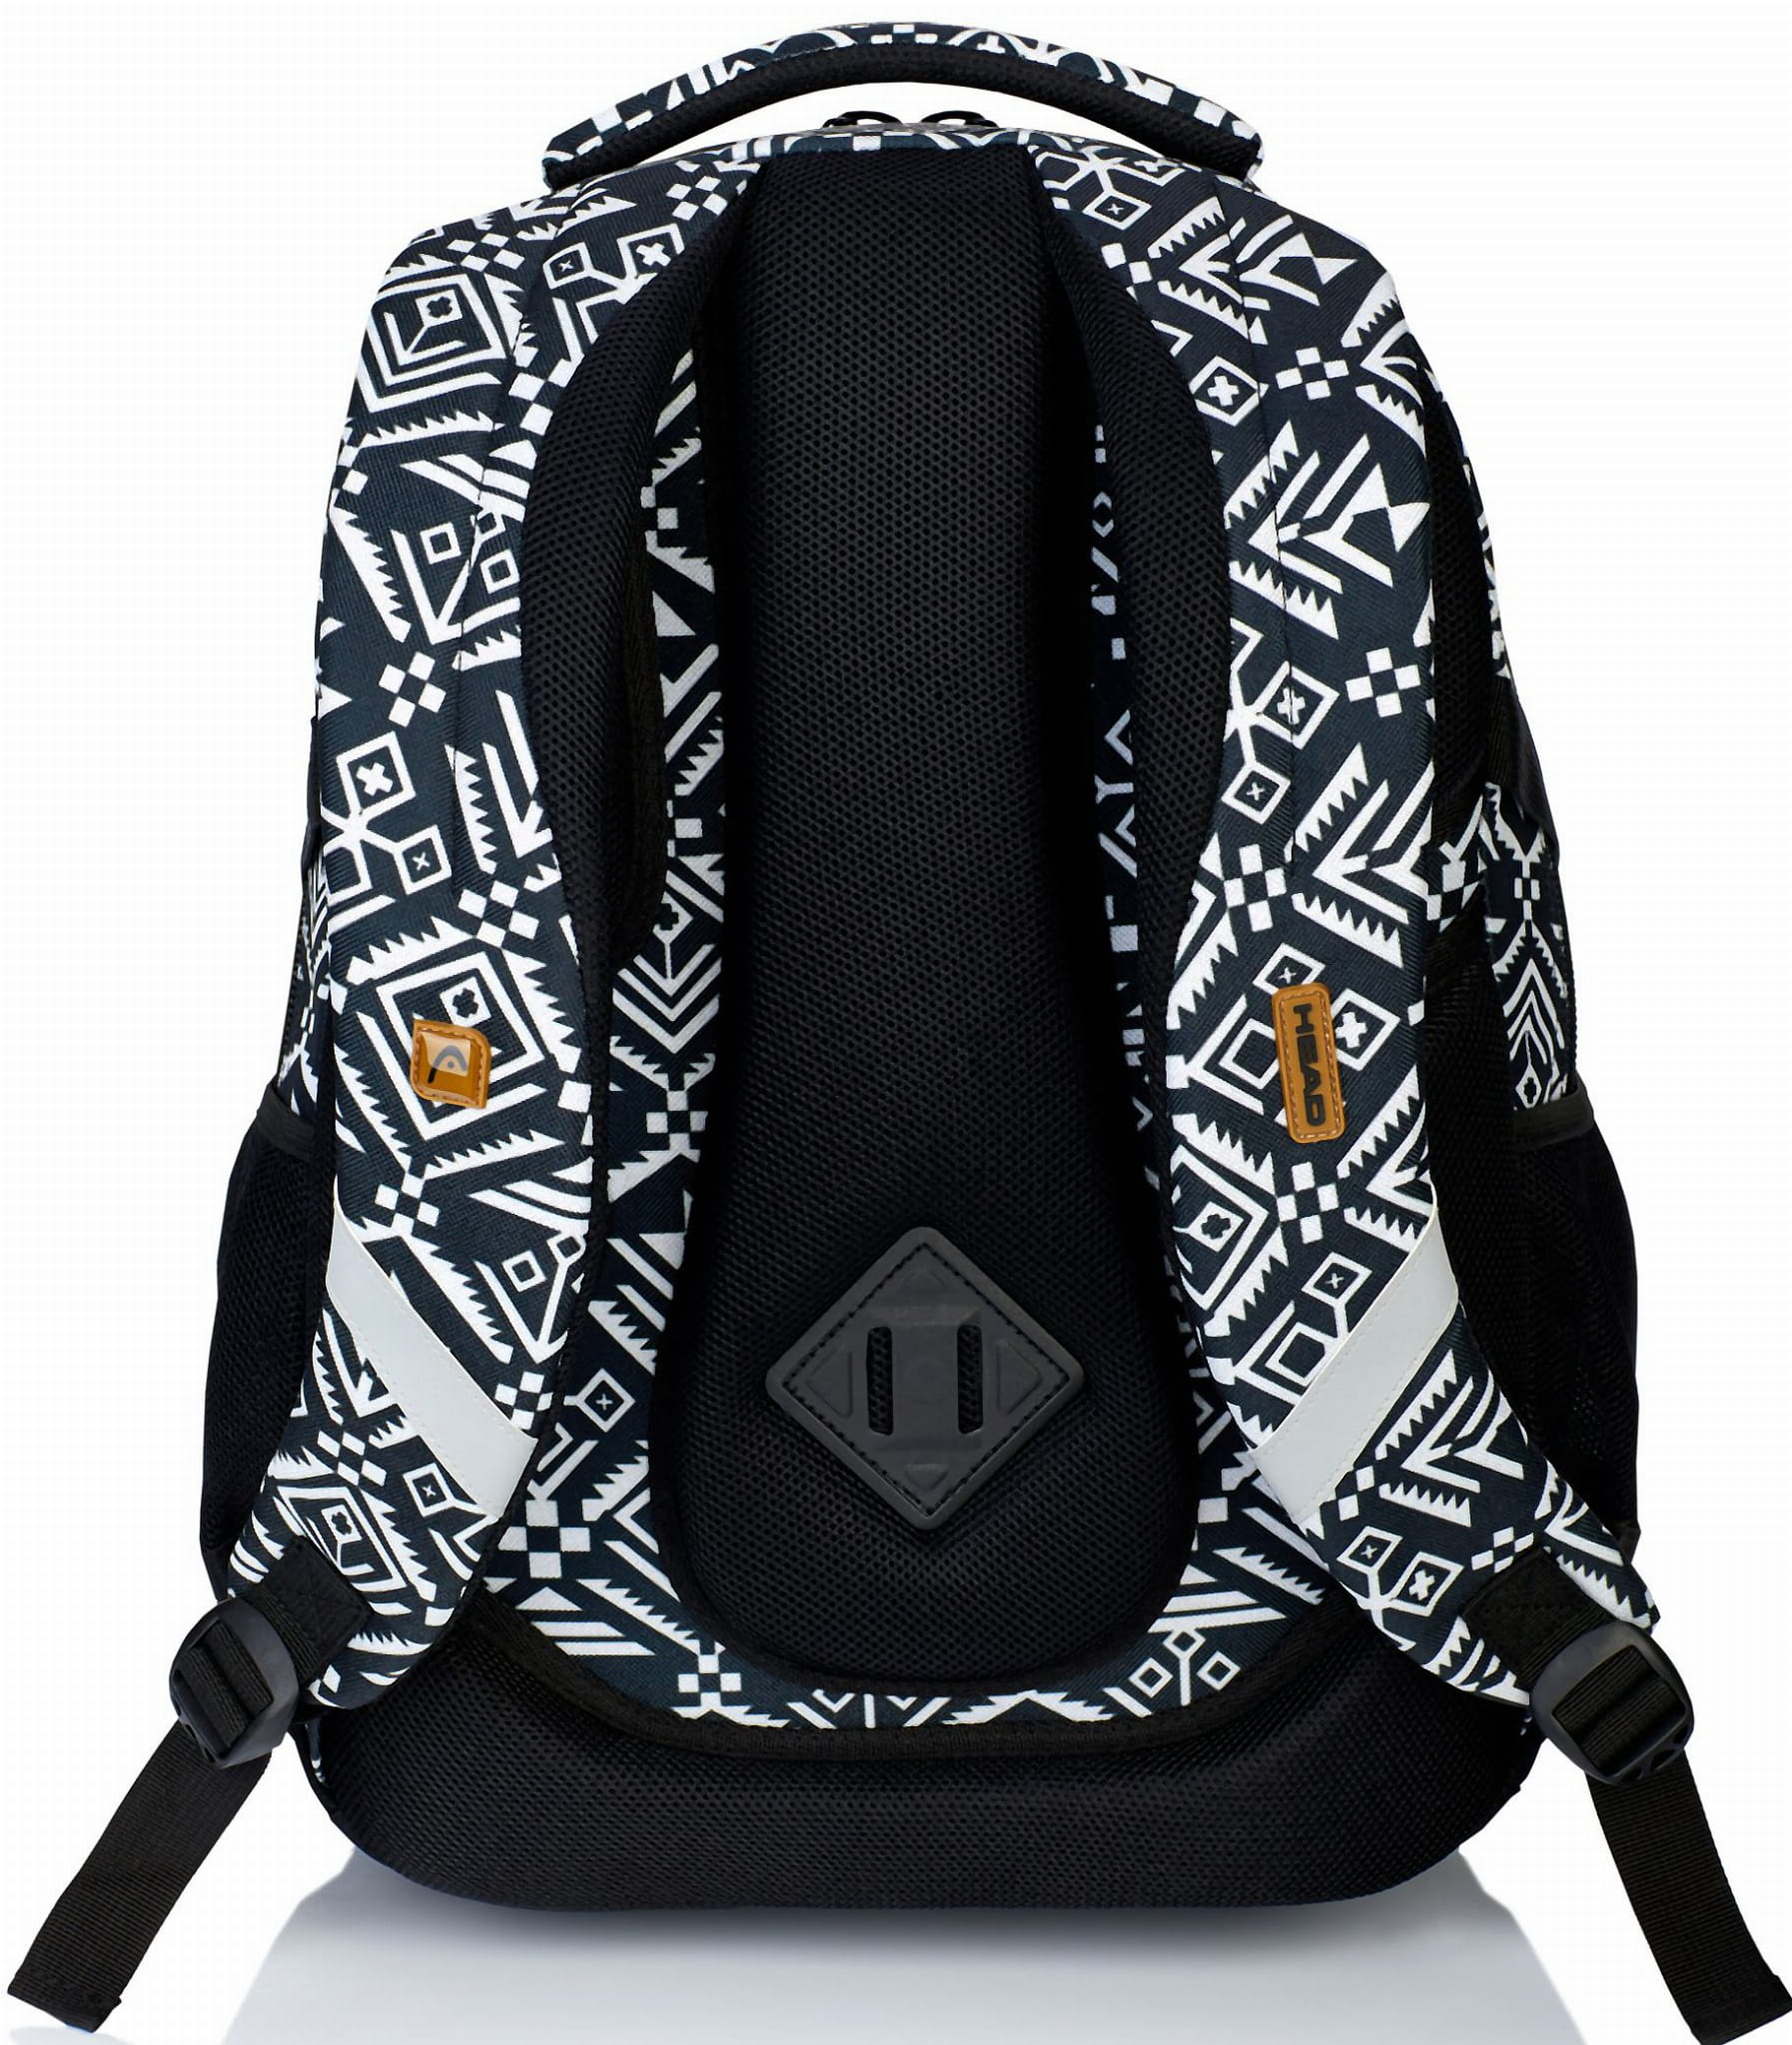 2c790d70bfc96 Plecak szkolny młodzieżowy HEAD czarno-biały dla dziewczyny HD-74.  Beznazwy-39.jpg. Beznazwy-39.jpg; 7c64dbf34d3f9c6899c13cd54733.jpg ...